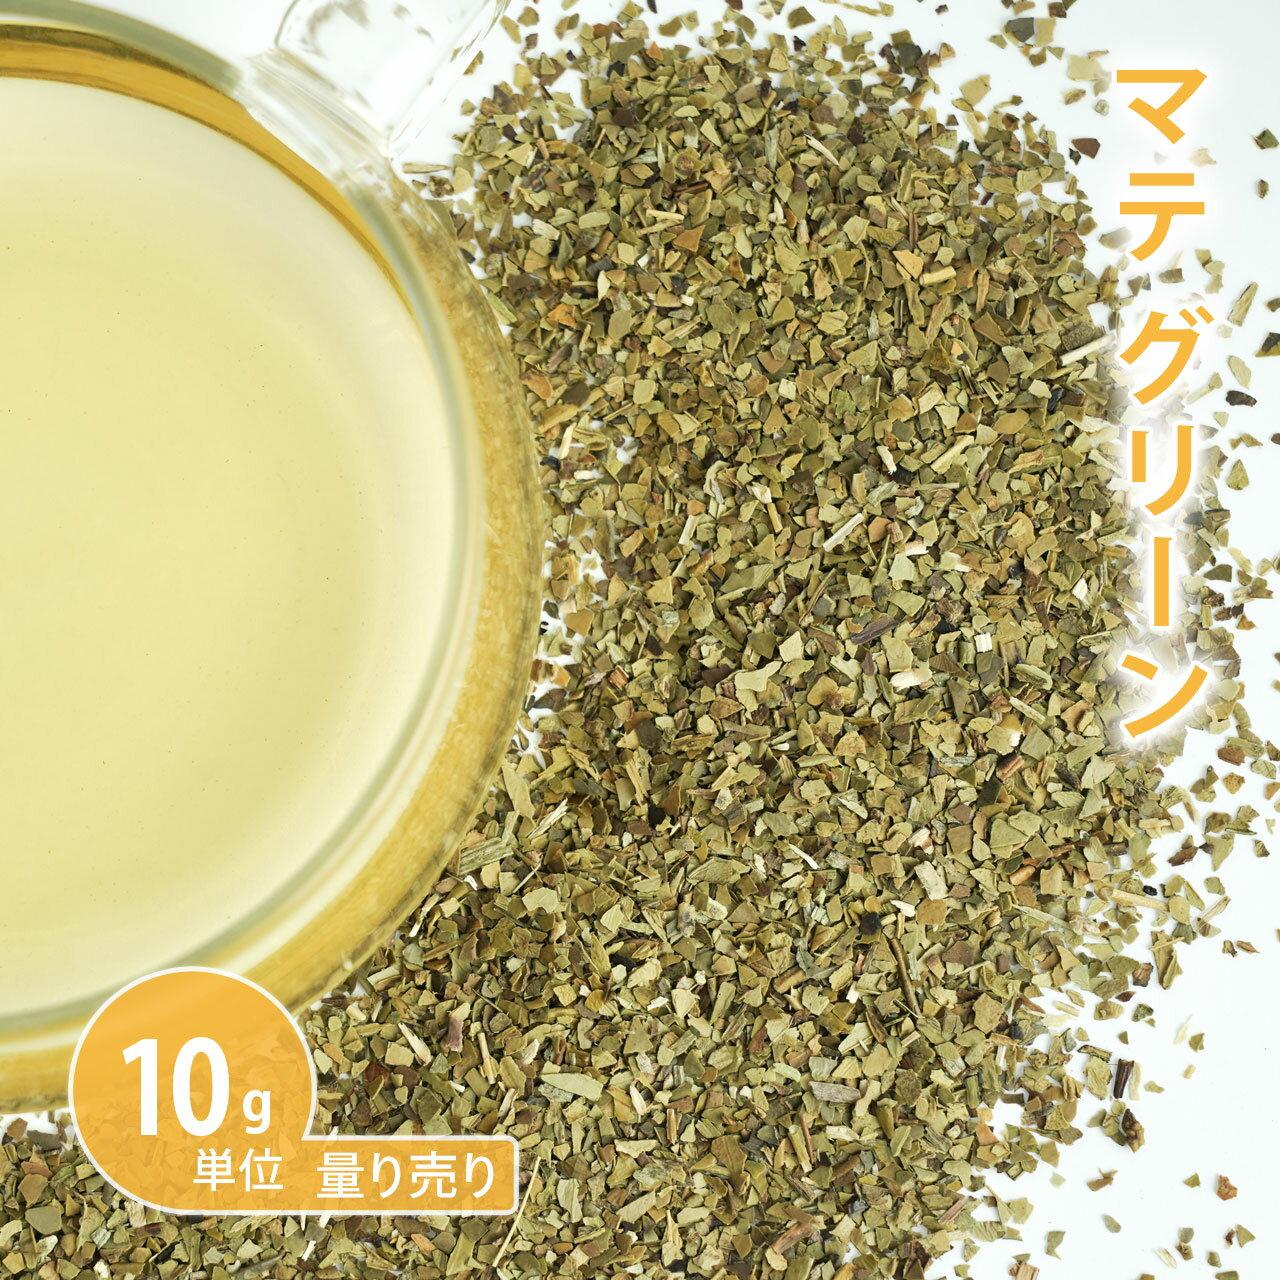 【ポストお届け可/5】 マテ グリーン マテ茶 [ 10g単位 ハーブ量り売り ] 【ドライハーブ/ハーブティー】